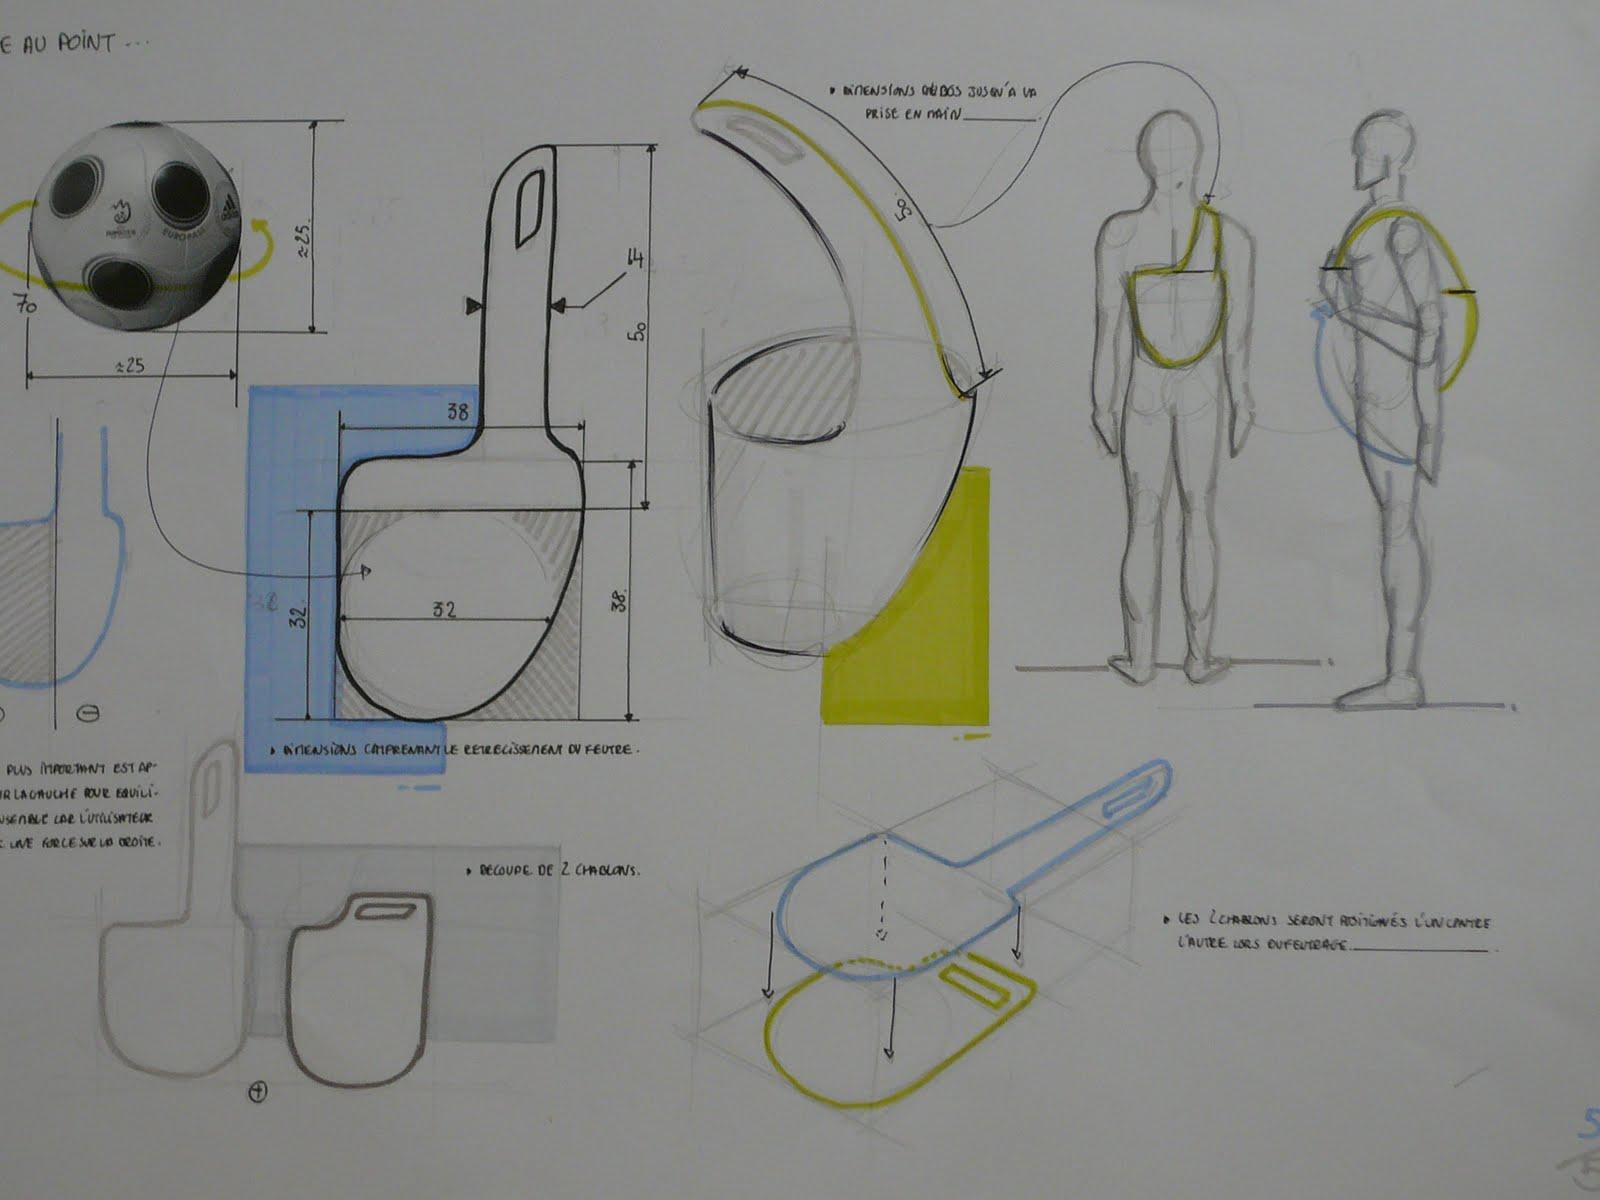 P le design jean perrin marseille du plan au volume for Recherche de plan